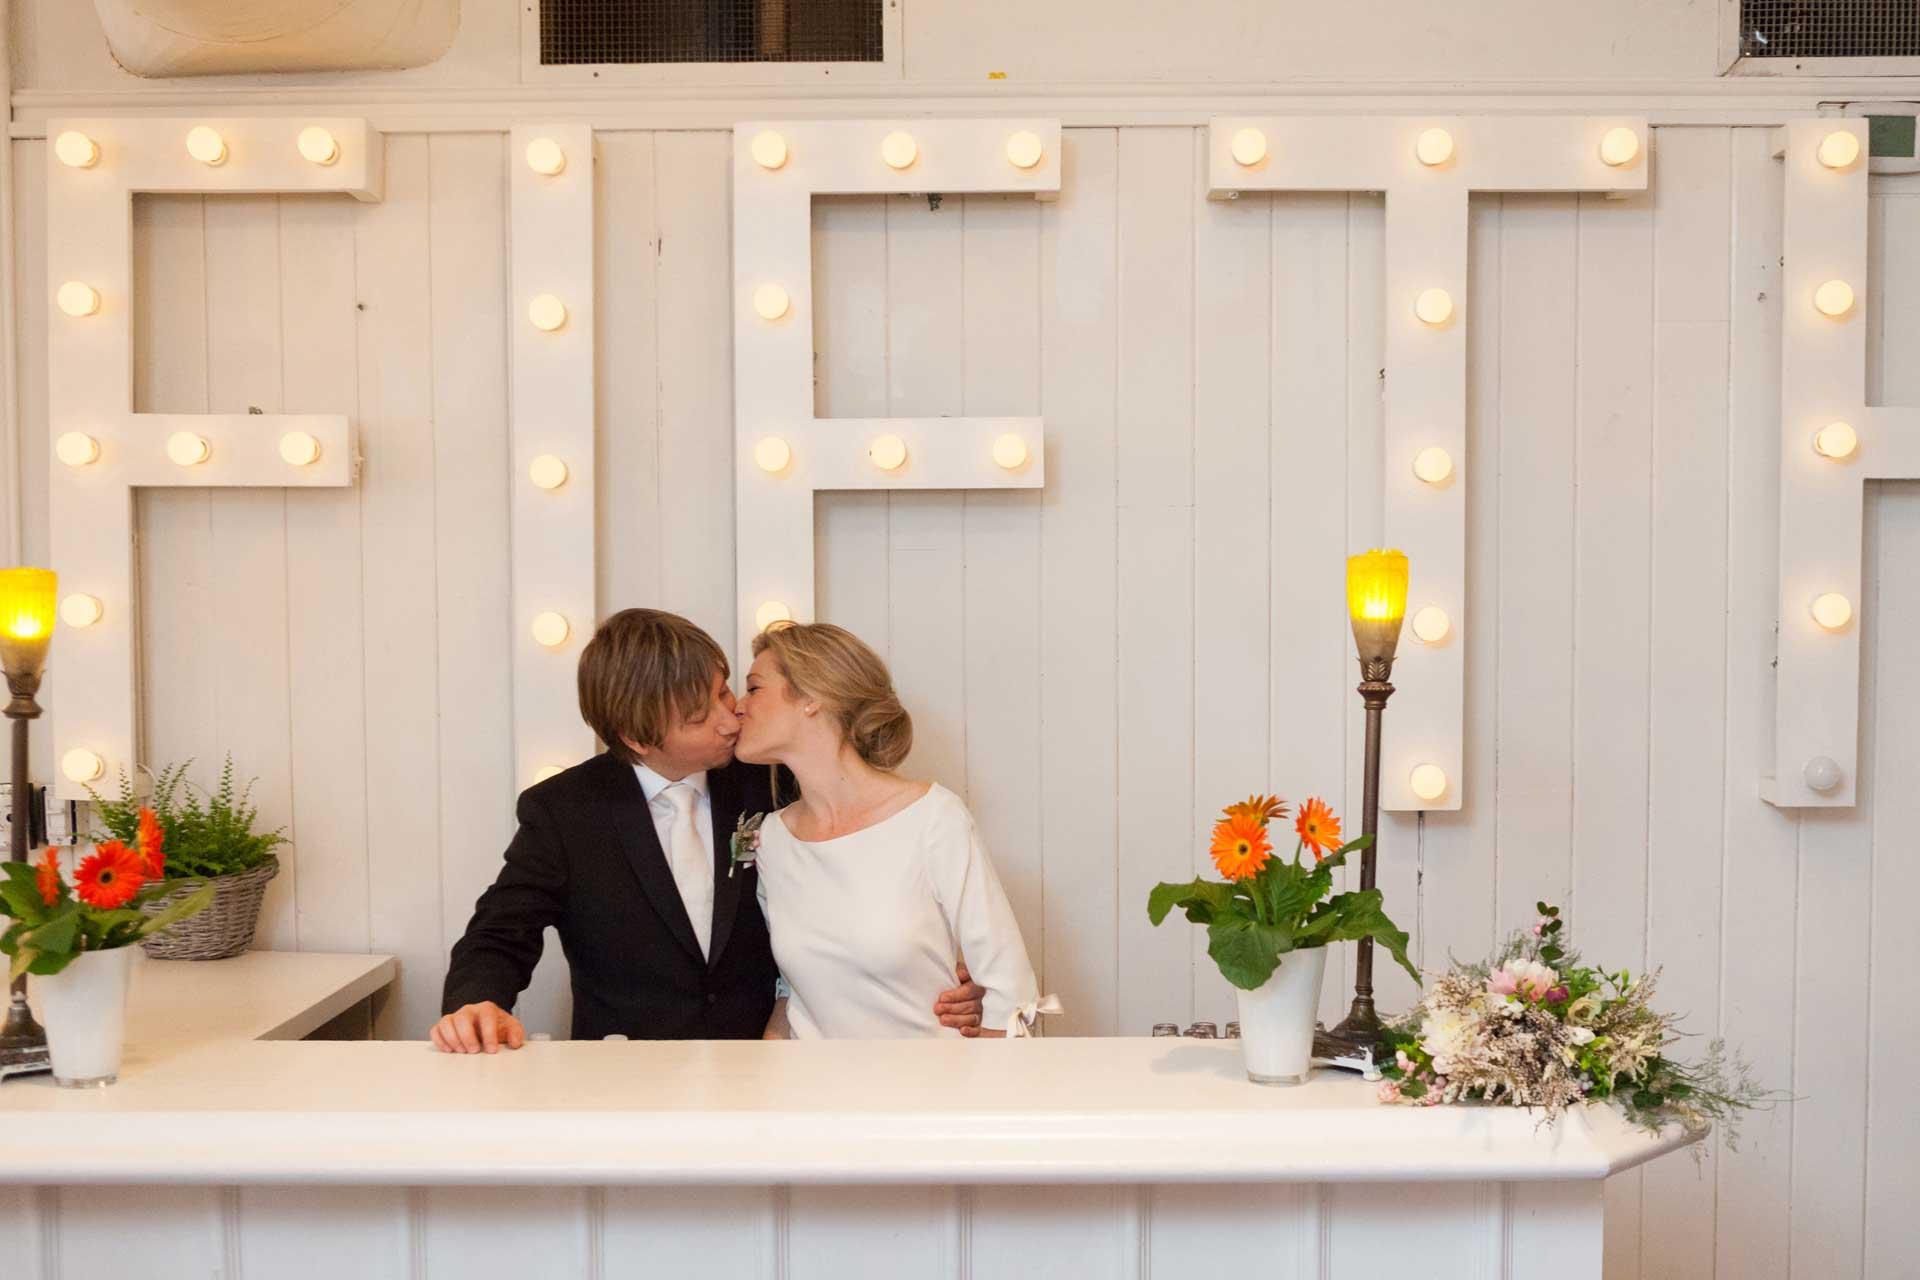 Unique Wedding Venues Toronto - Wedding Photography - Toronto Loft